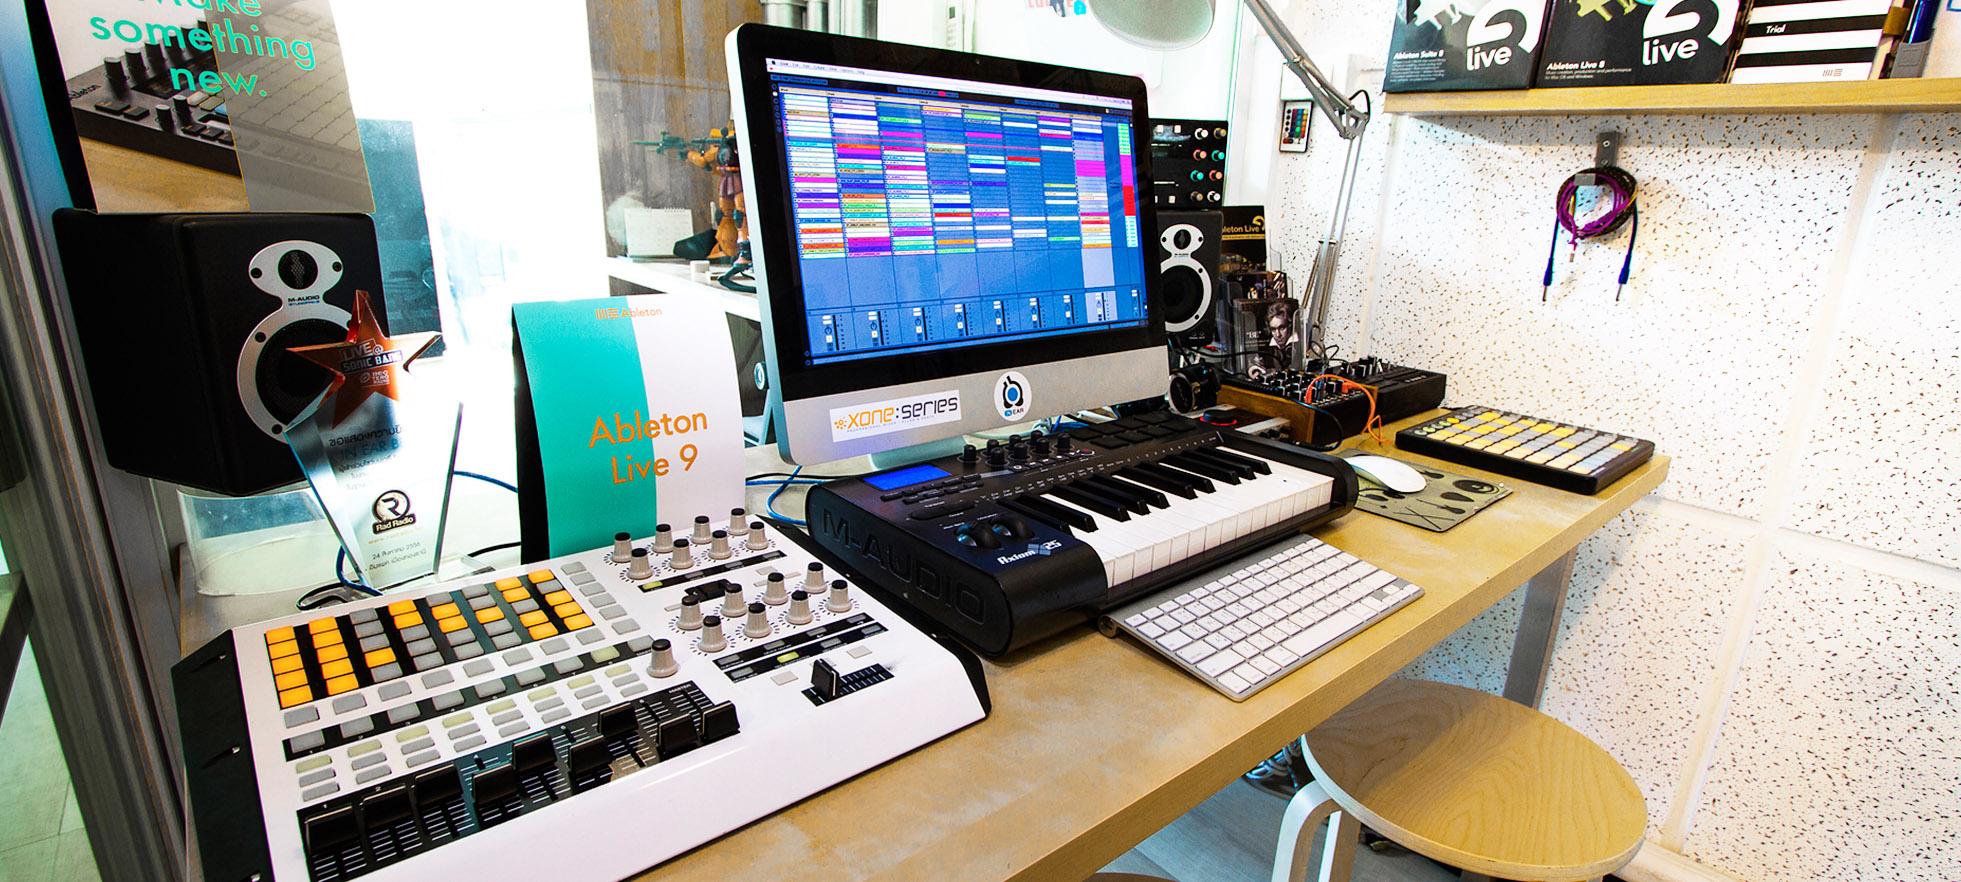 ห้องซ้อมดนตรีเดี่ยว | InEarBeat